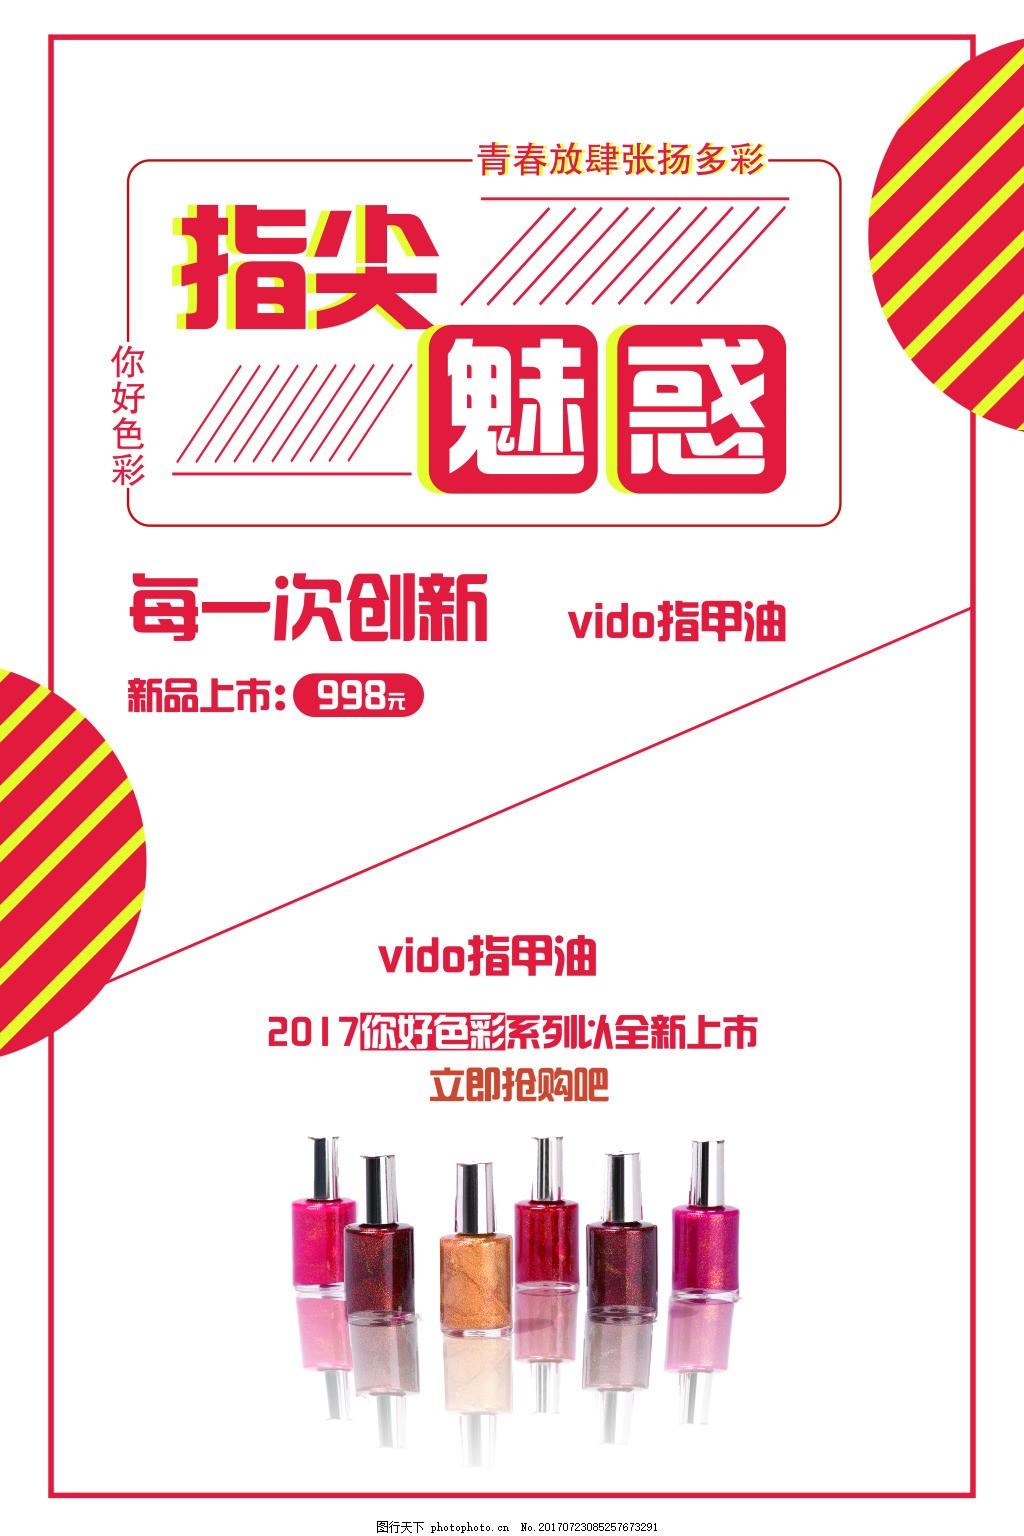 创意时尚美容指尖魅惑指甲油促销宣传海报 魅惑时尚海报 指甲油海报